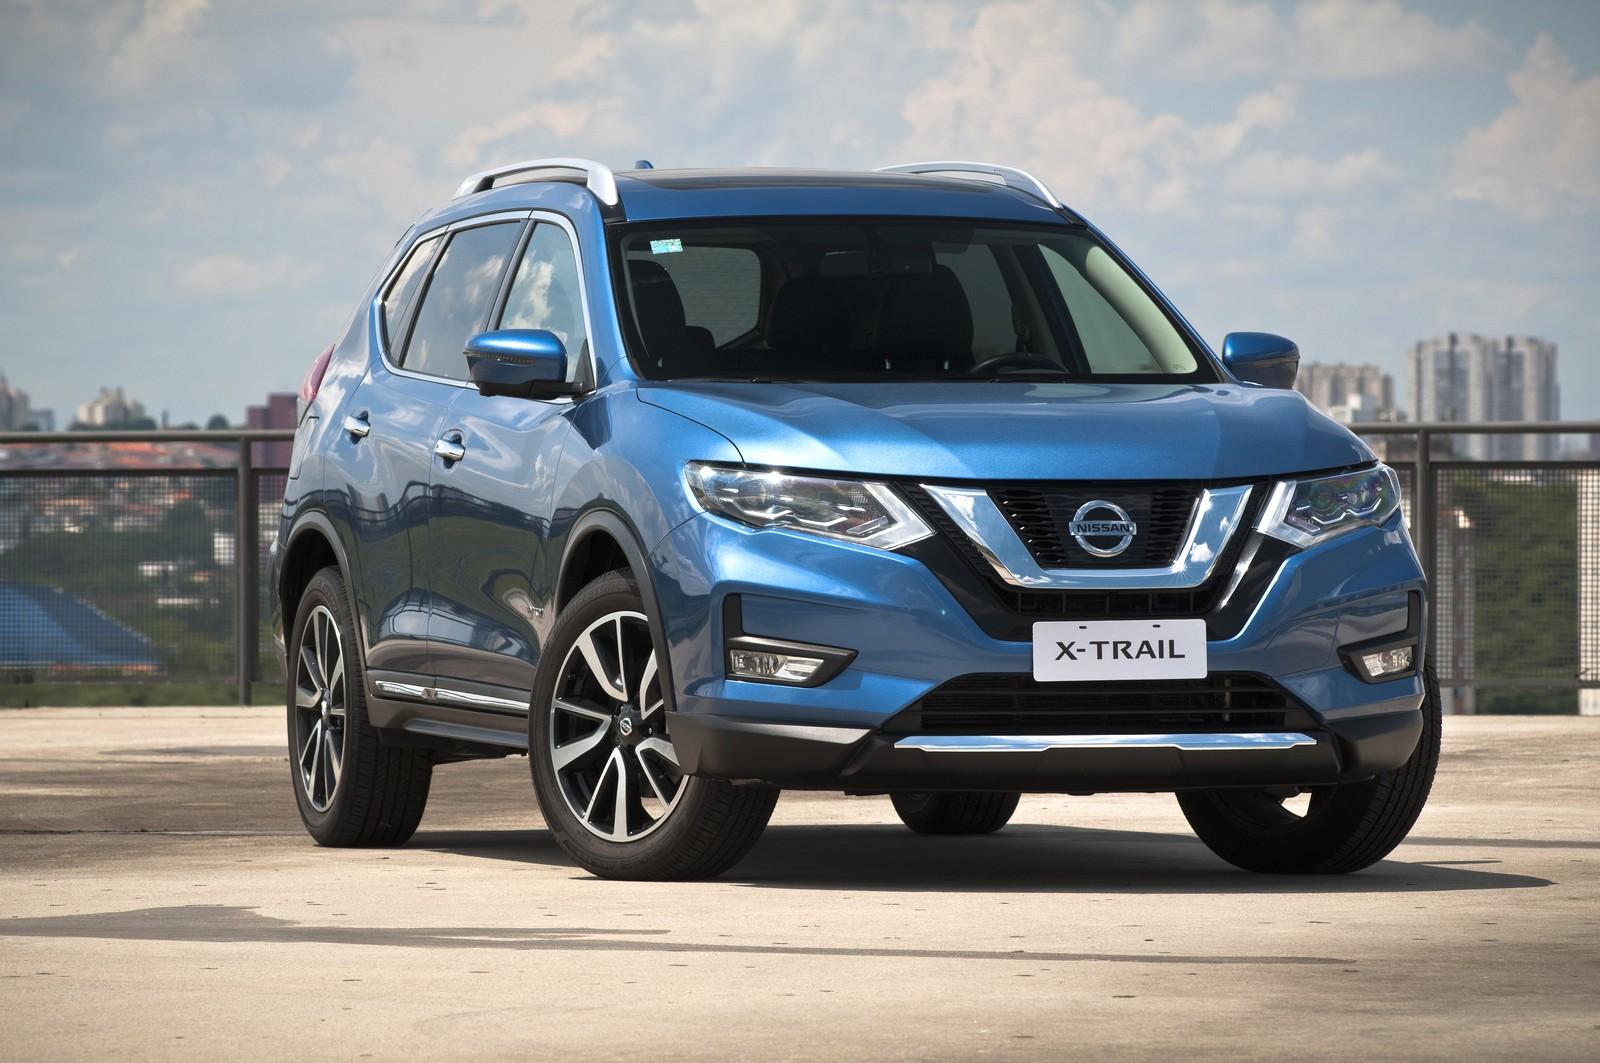 Presidente da Nissan do Brasil garante a produção dos modelos Kicks Híbrido e X-Trail no Brasil. Executivo comenta os planos da marca até 2022.